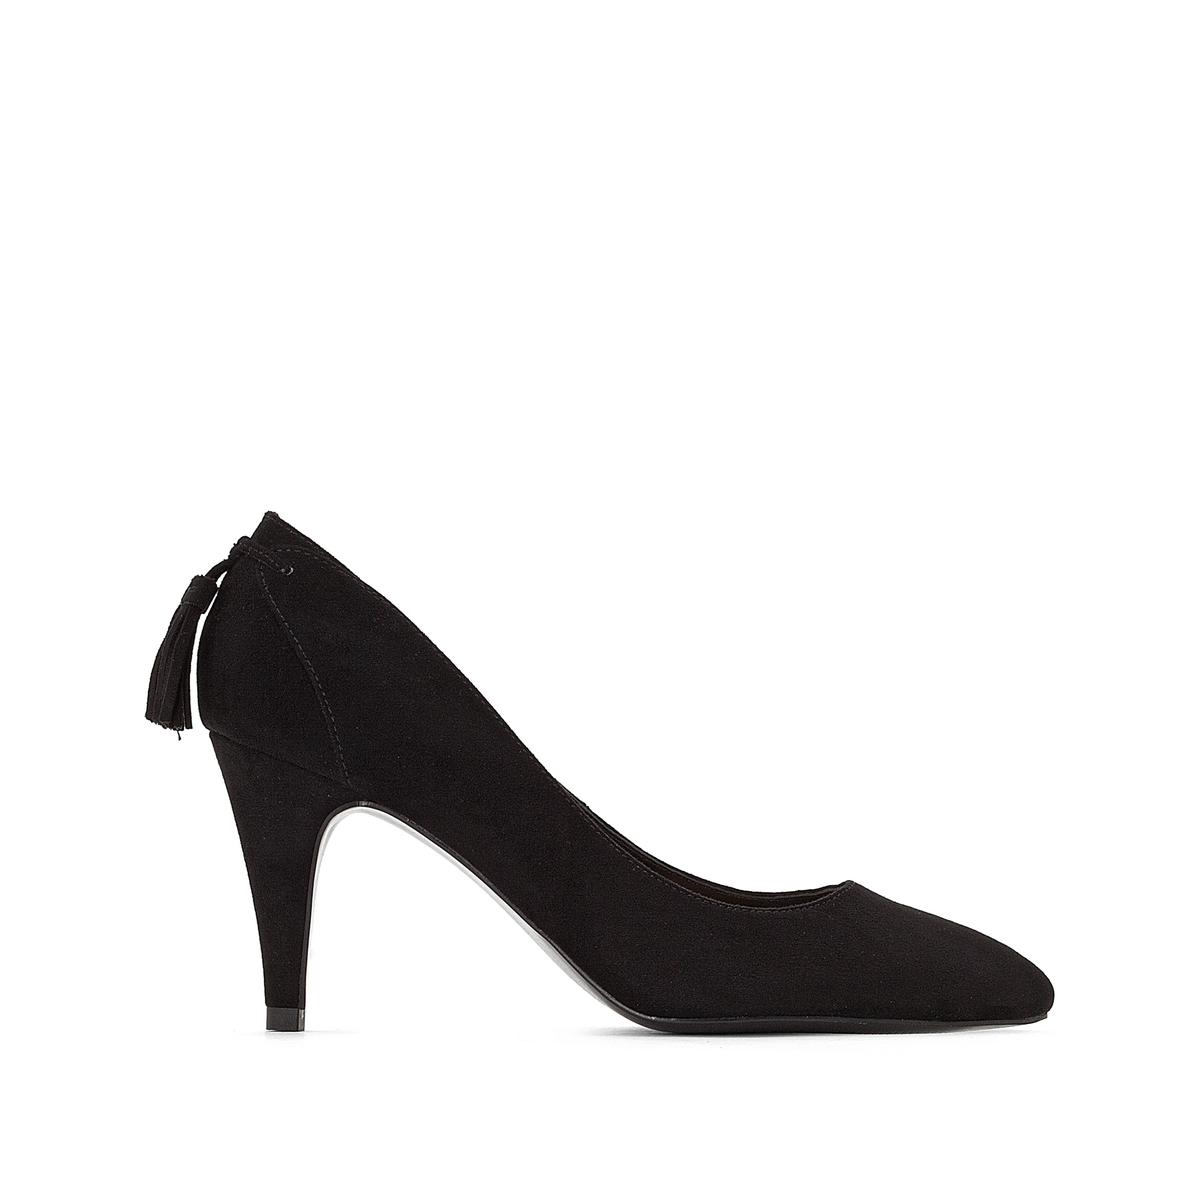 Туфли с помпоном сзади на каблуке-шпильке